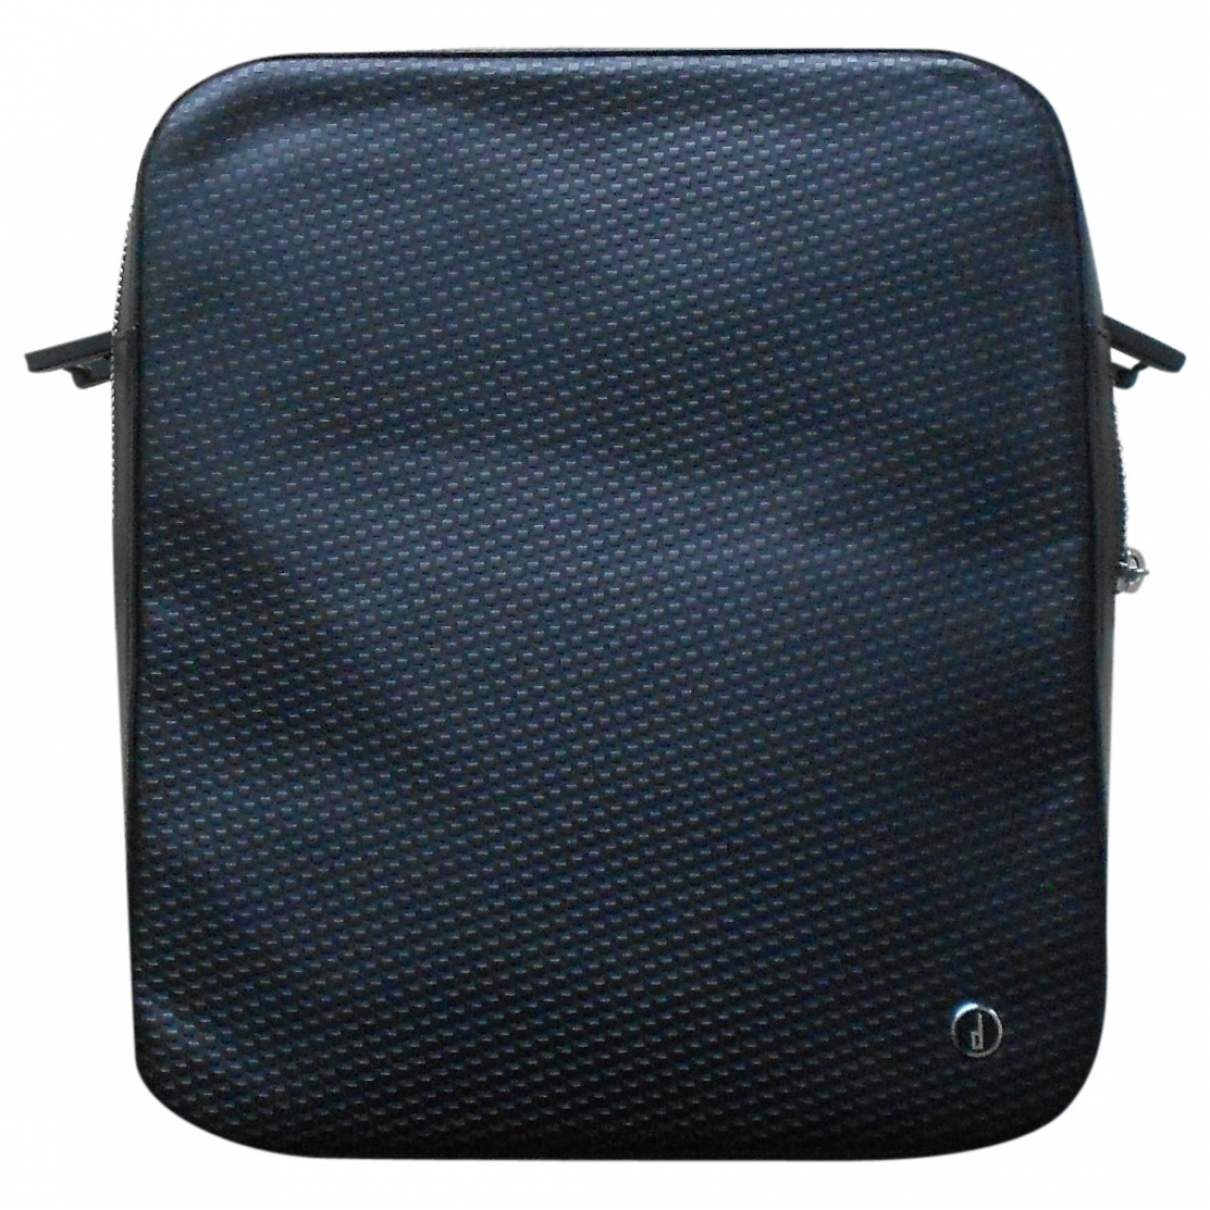 Alfred Dunhill \N Black Leather bag for Men \N